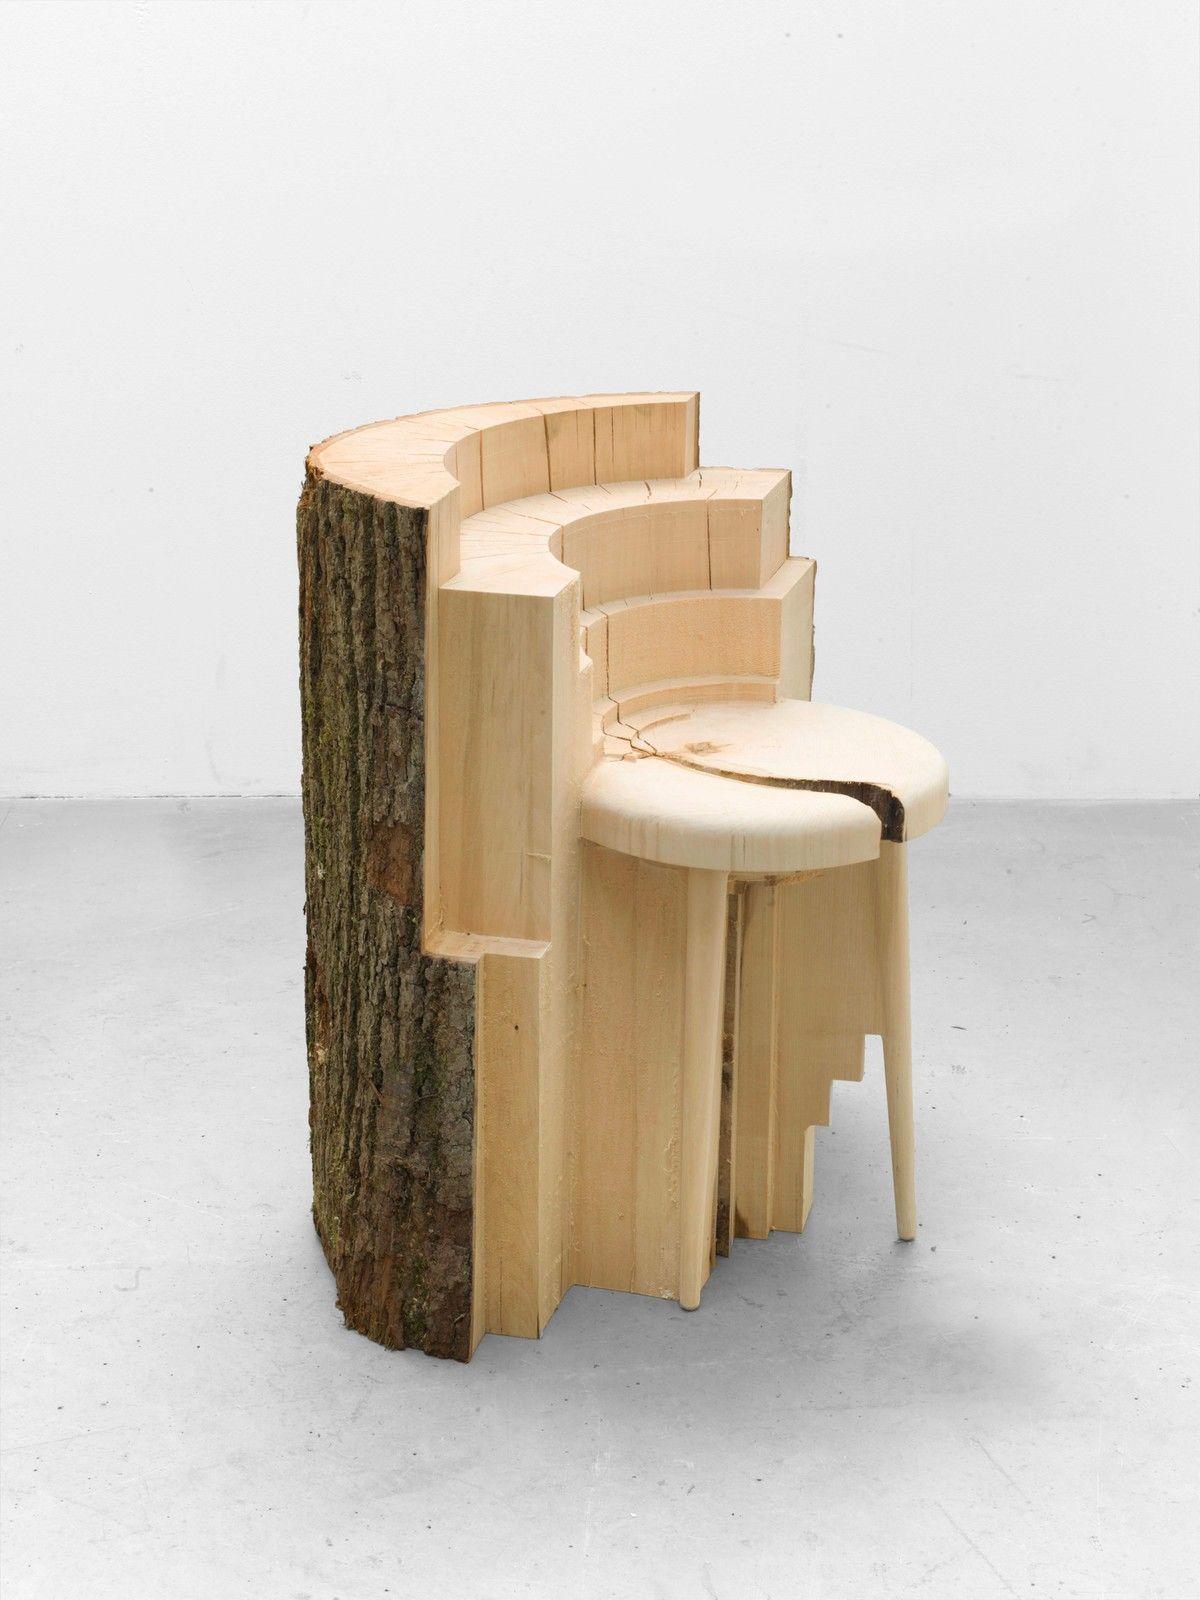 Morceau De Bois Brut des chaises, des tabourets et des porte-manteaux sculptés à